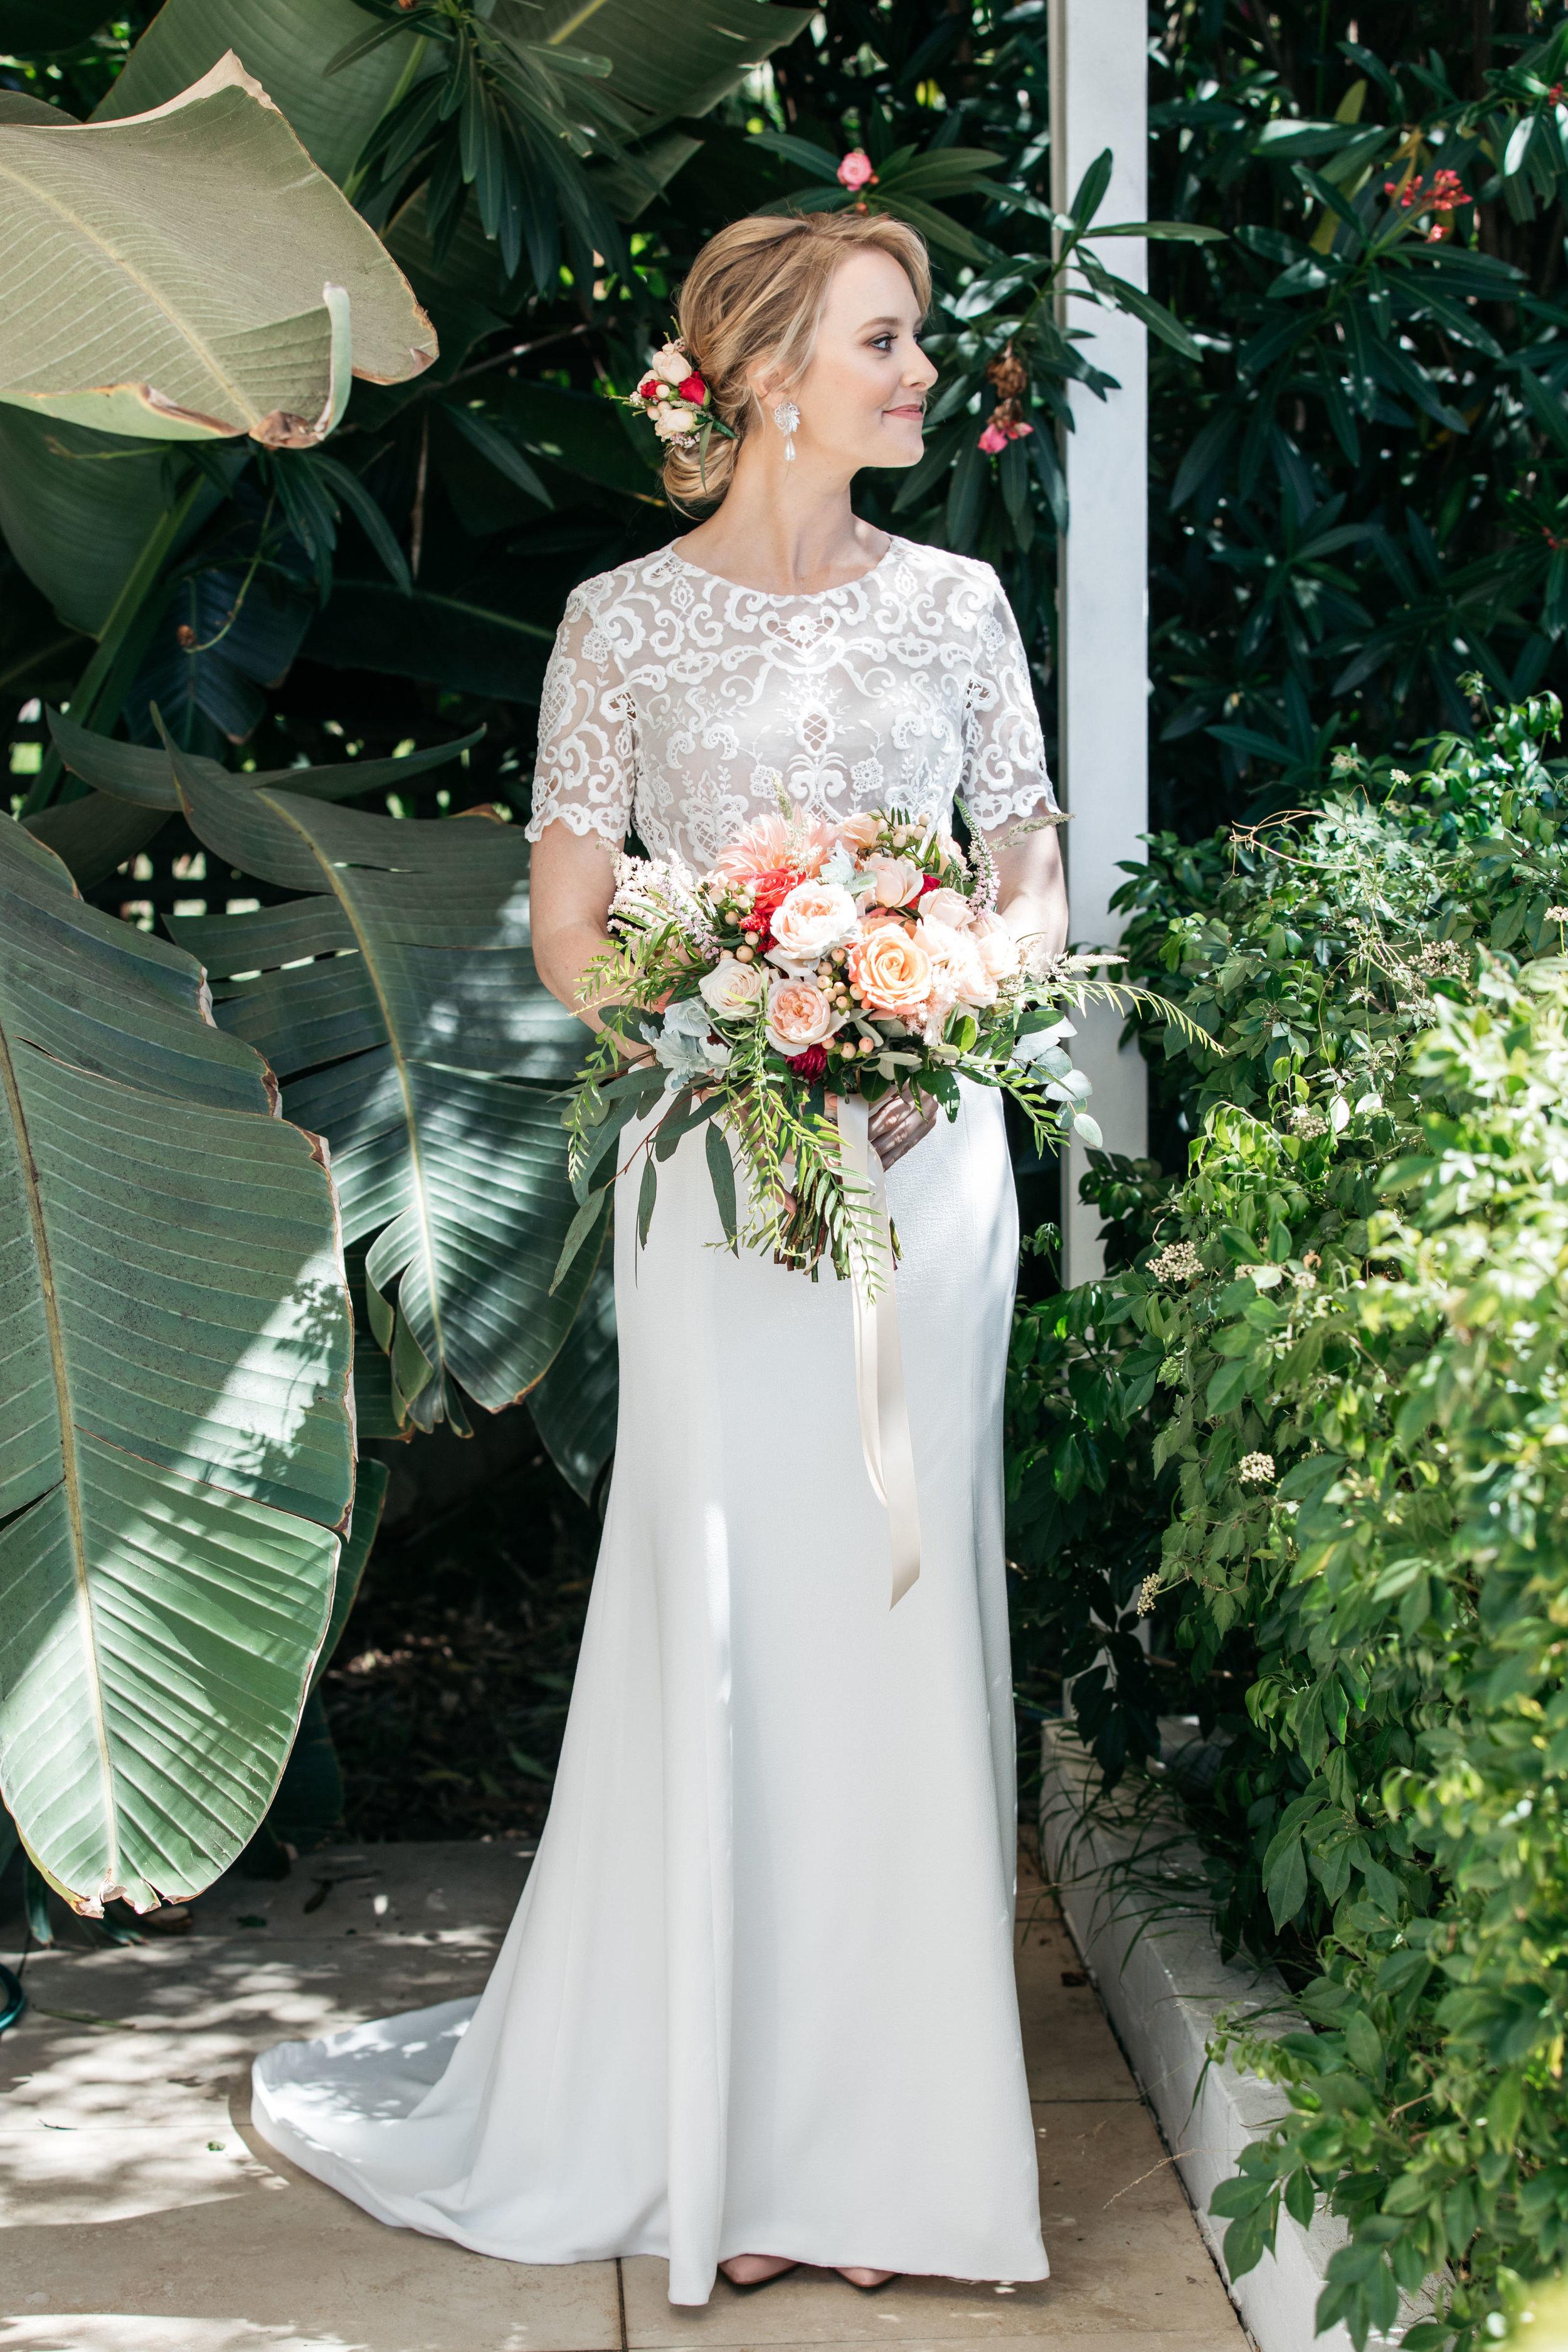 rhys paige tanyaa anic bridal photos by jessie ann R+P-79.jpg